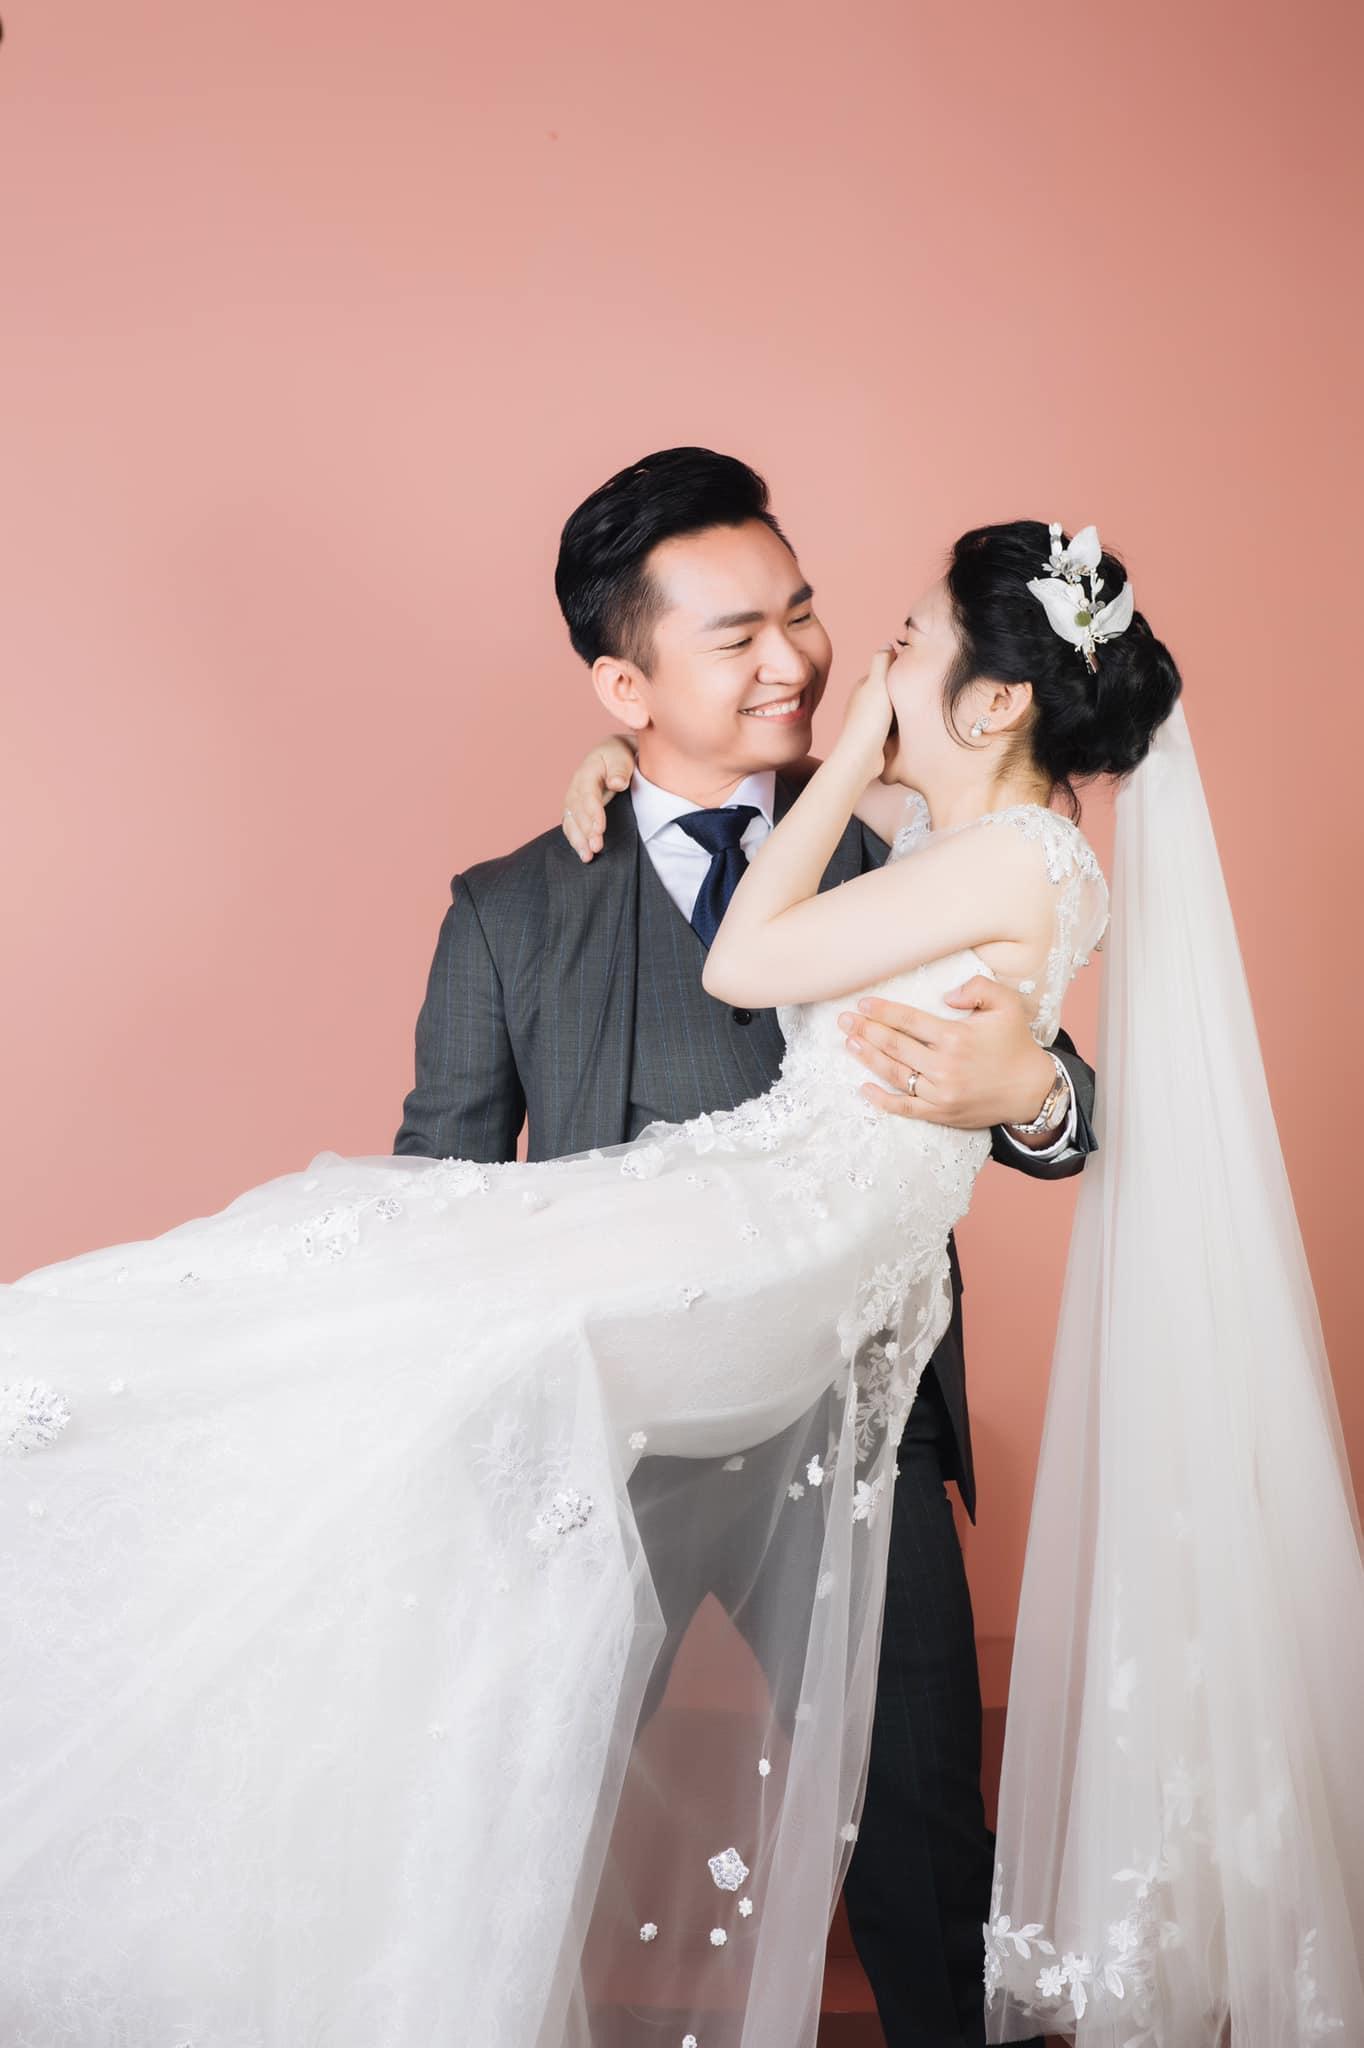 MC Hạnh Phúc chia sẻ sắp có con, tiết lộ lý do chưa thể tổ chức tiệc cưới - Ảnh 3.